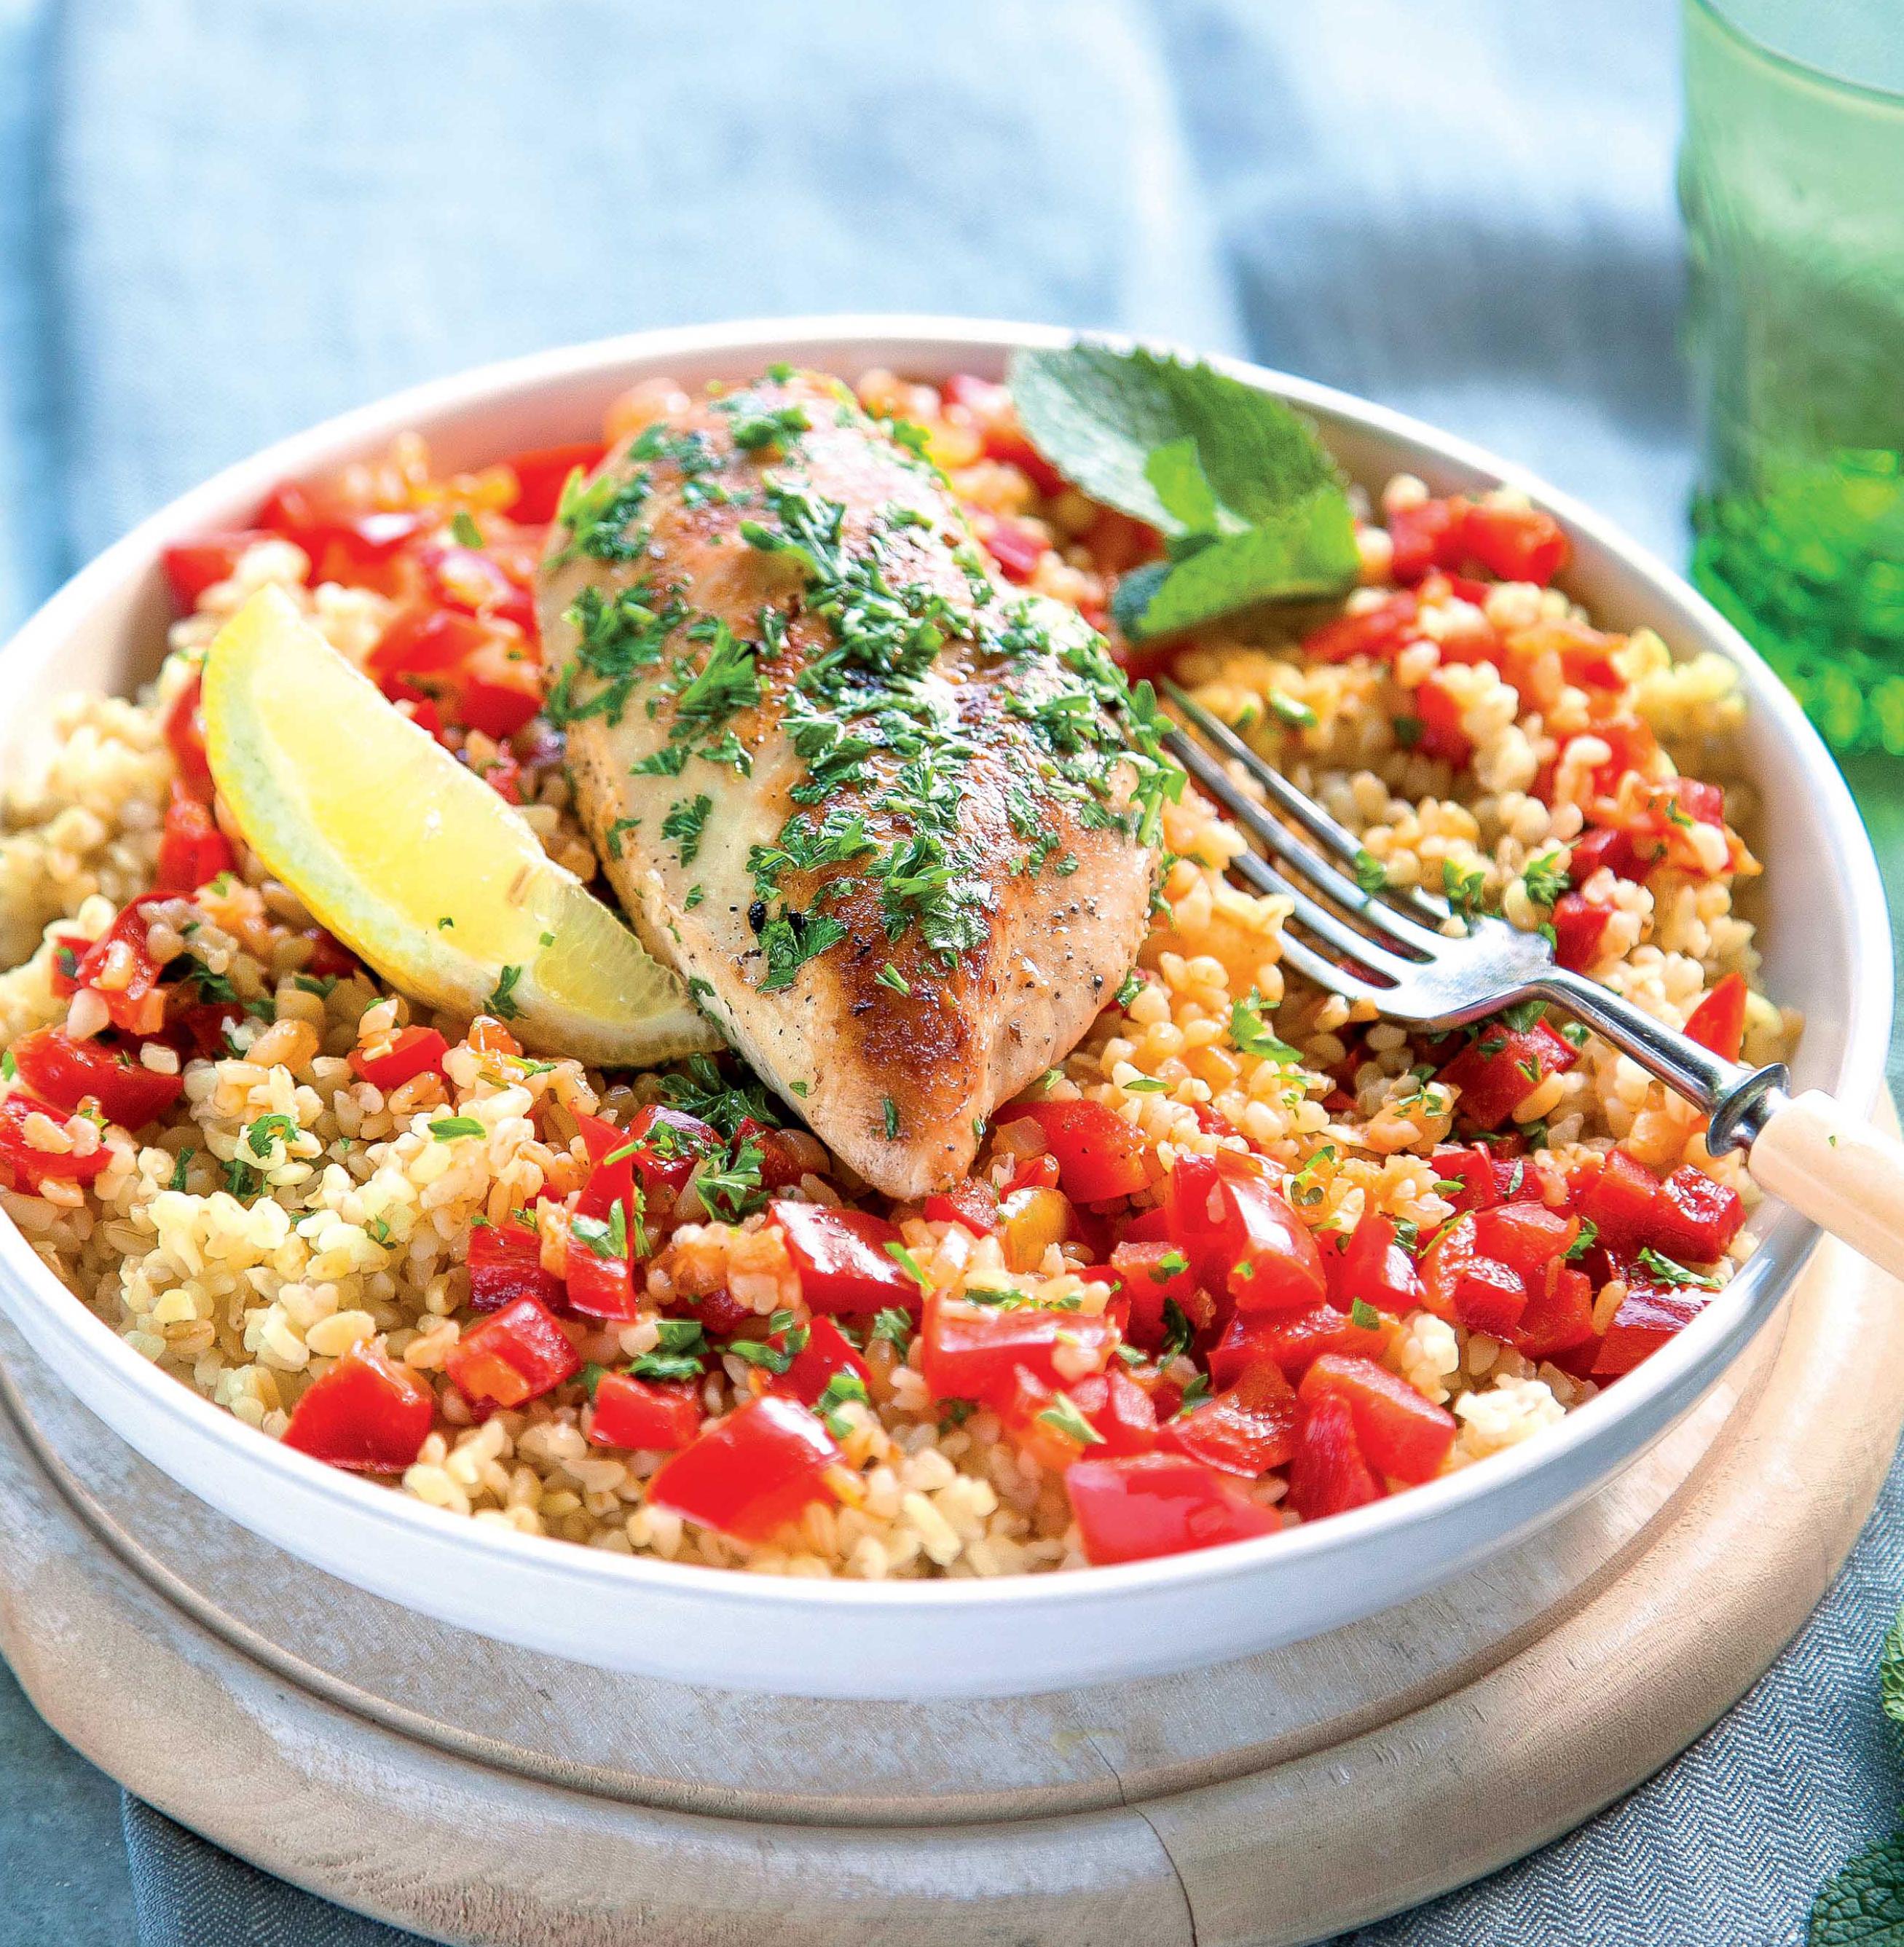 Citromos csirke paprikás és sonkás túrós lepény: 2 diétás ünnepi recept